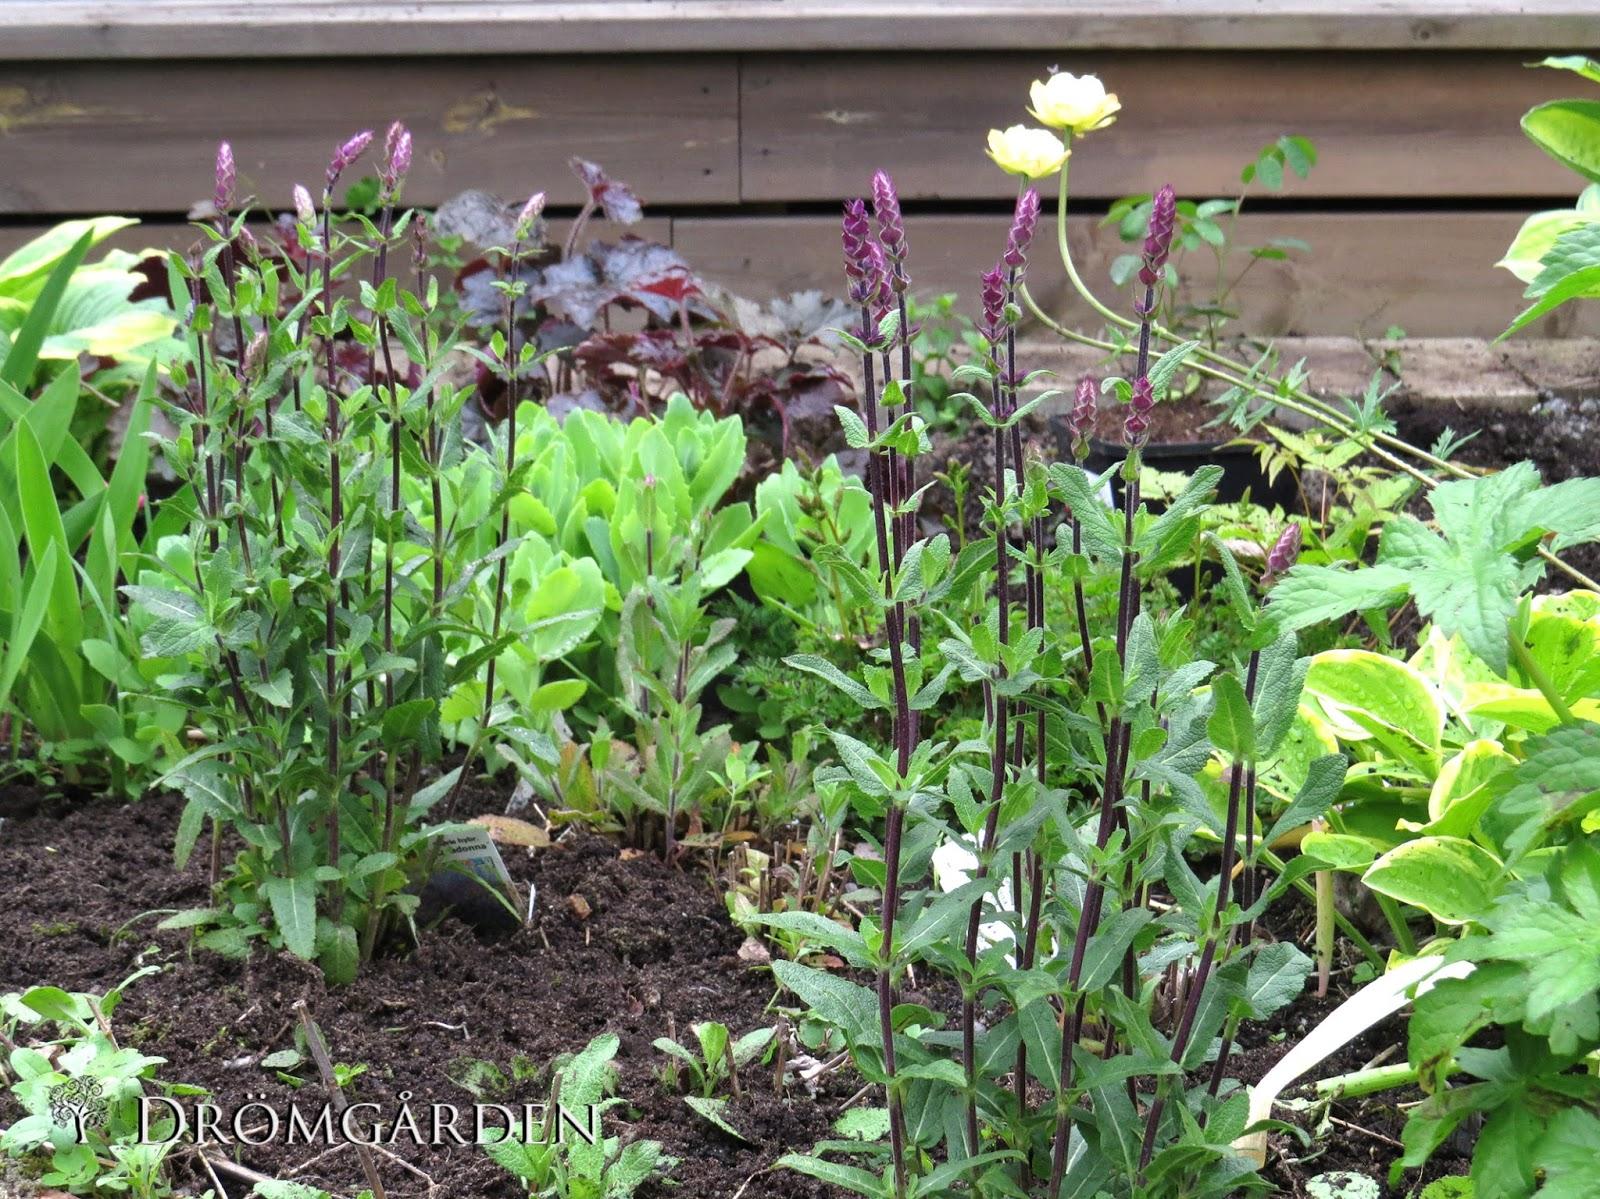 Drömgården: trädgårdsakuten